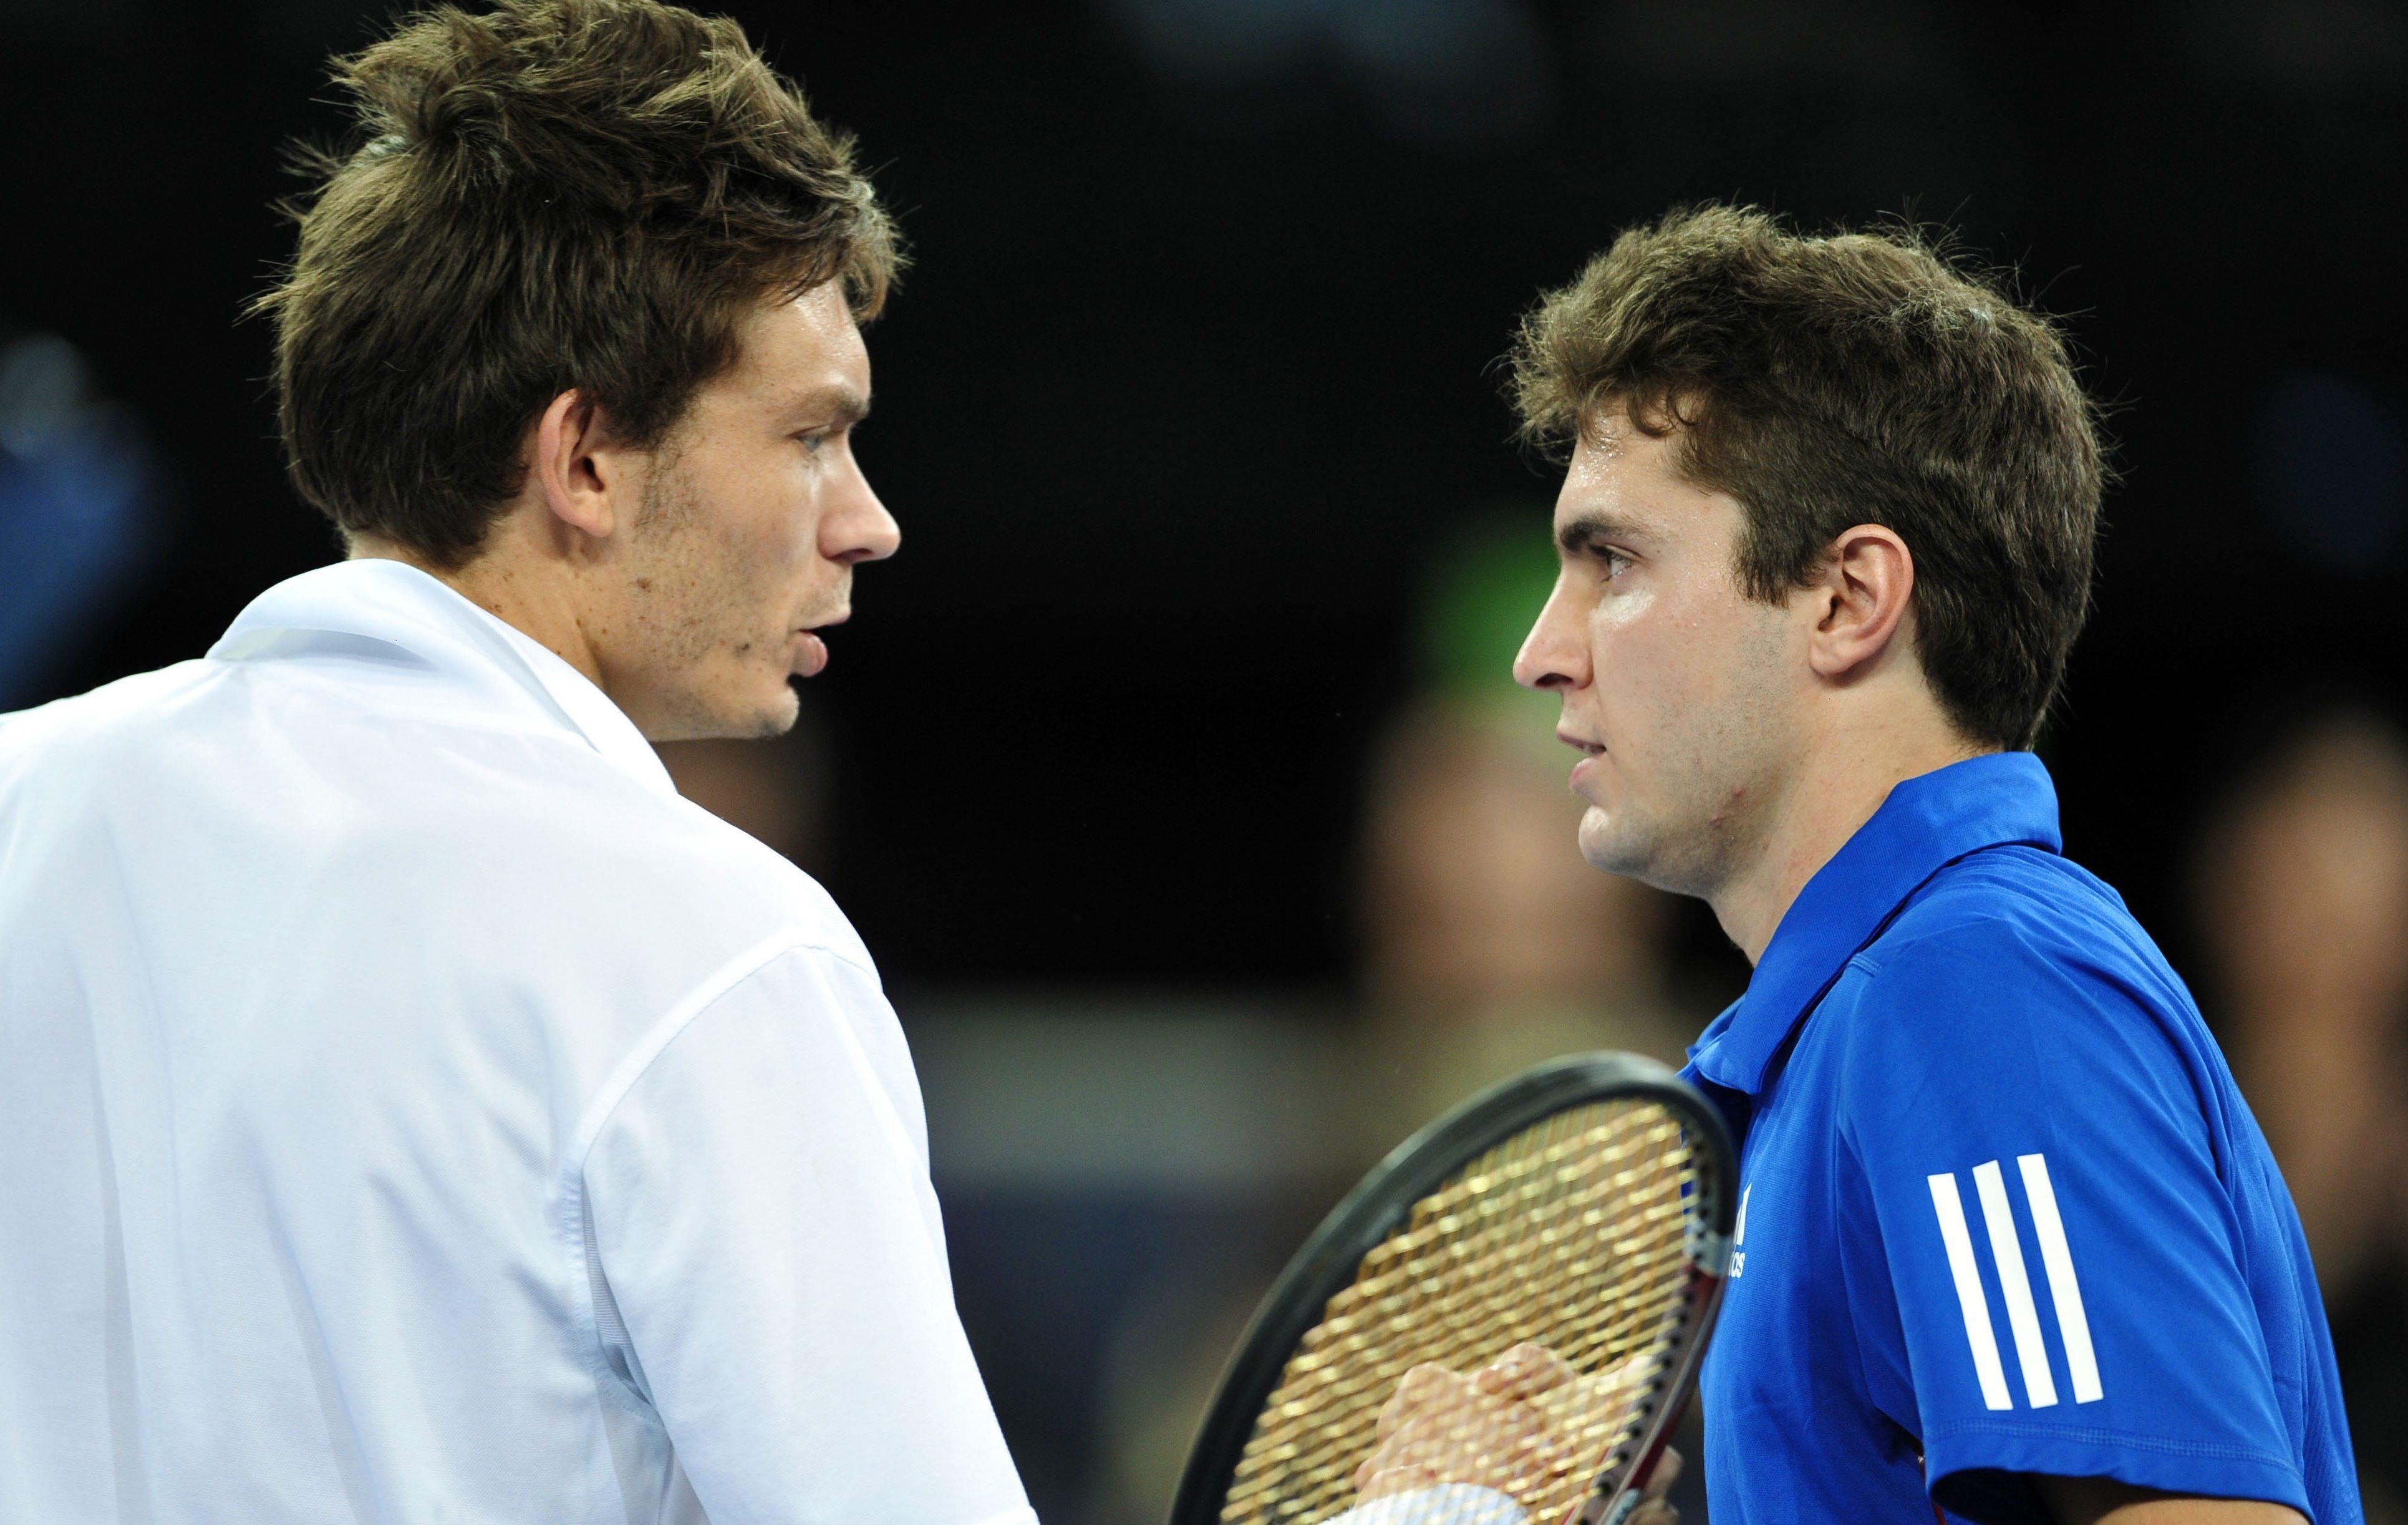 Tennis - Roland-Garros - Mahu-Simon : Une sacr�e opposition de styles